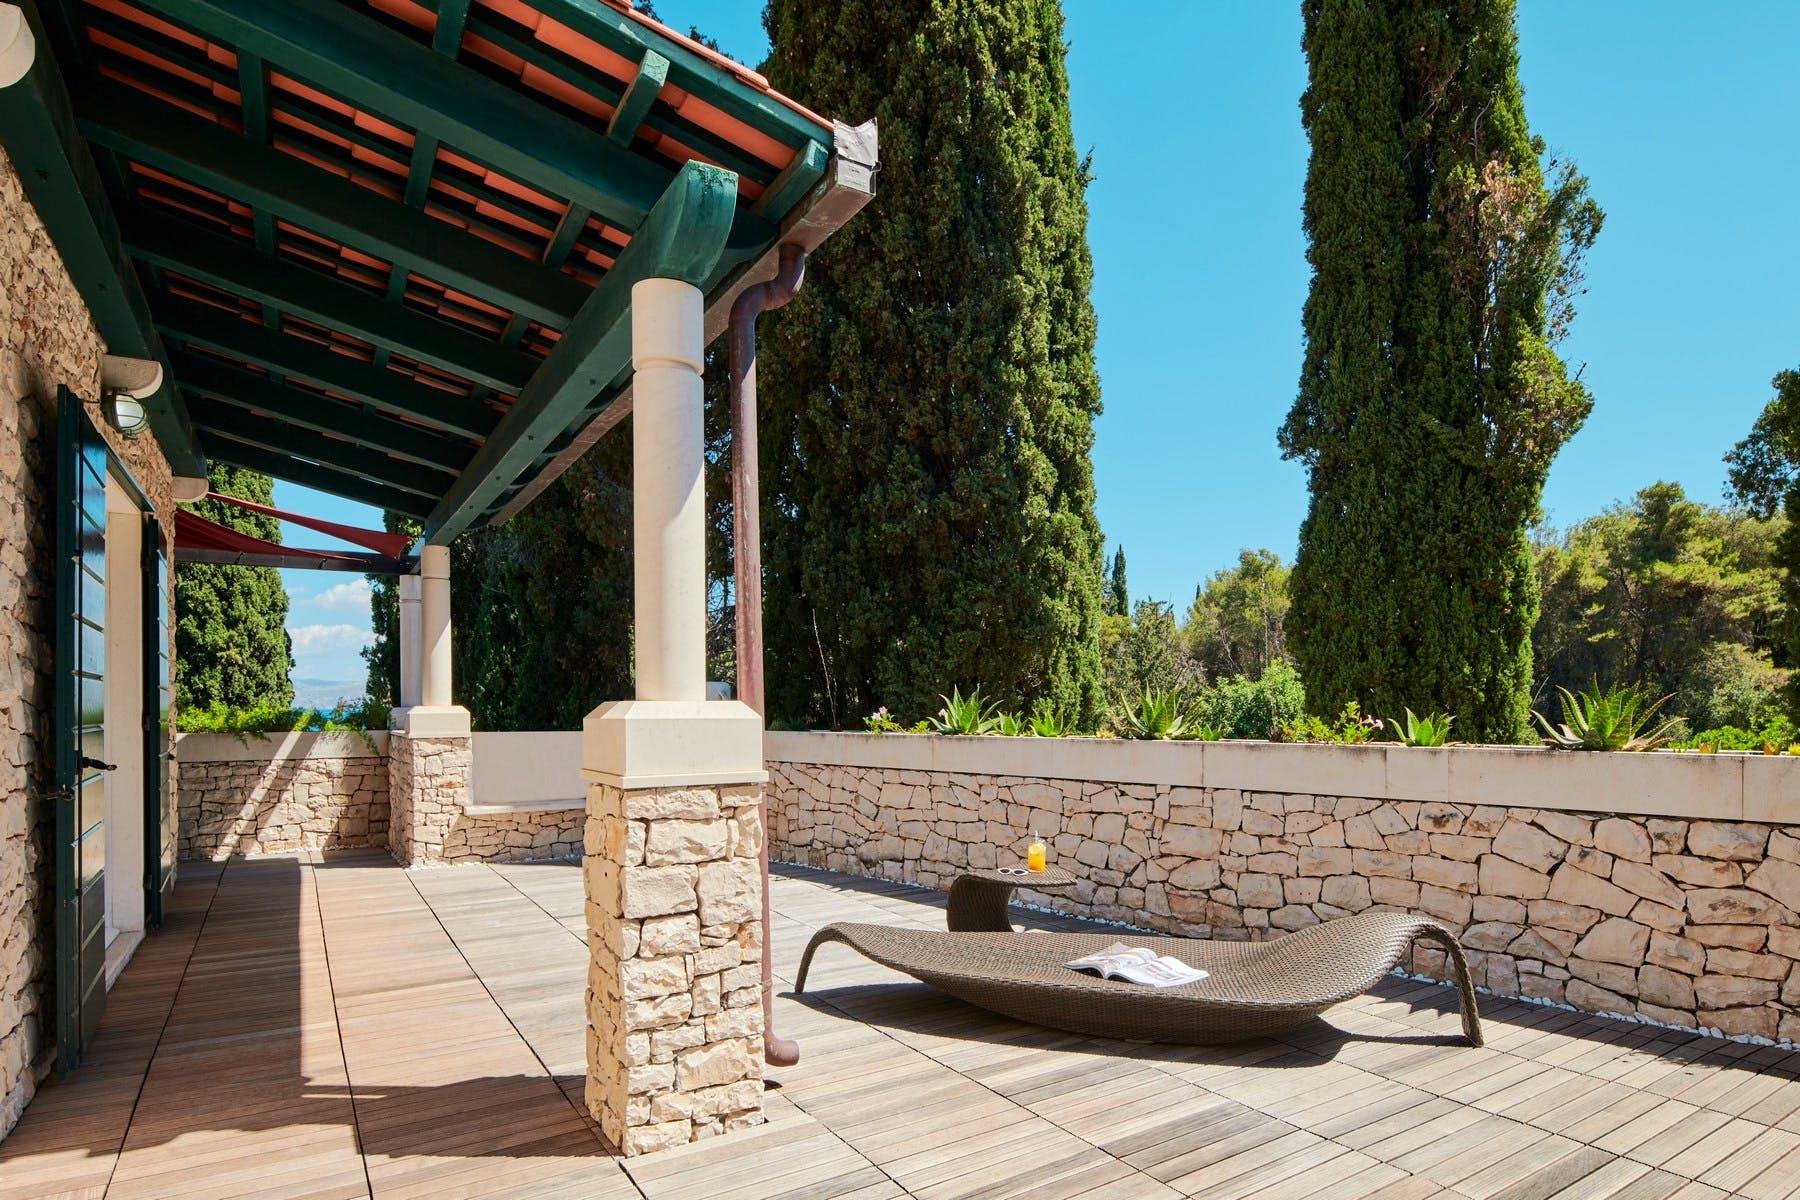 Sunbathed terrace area